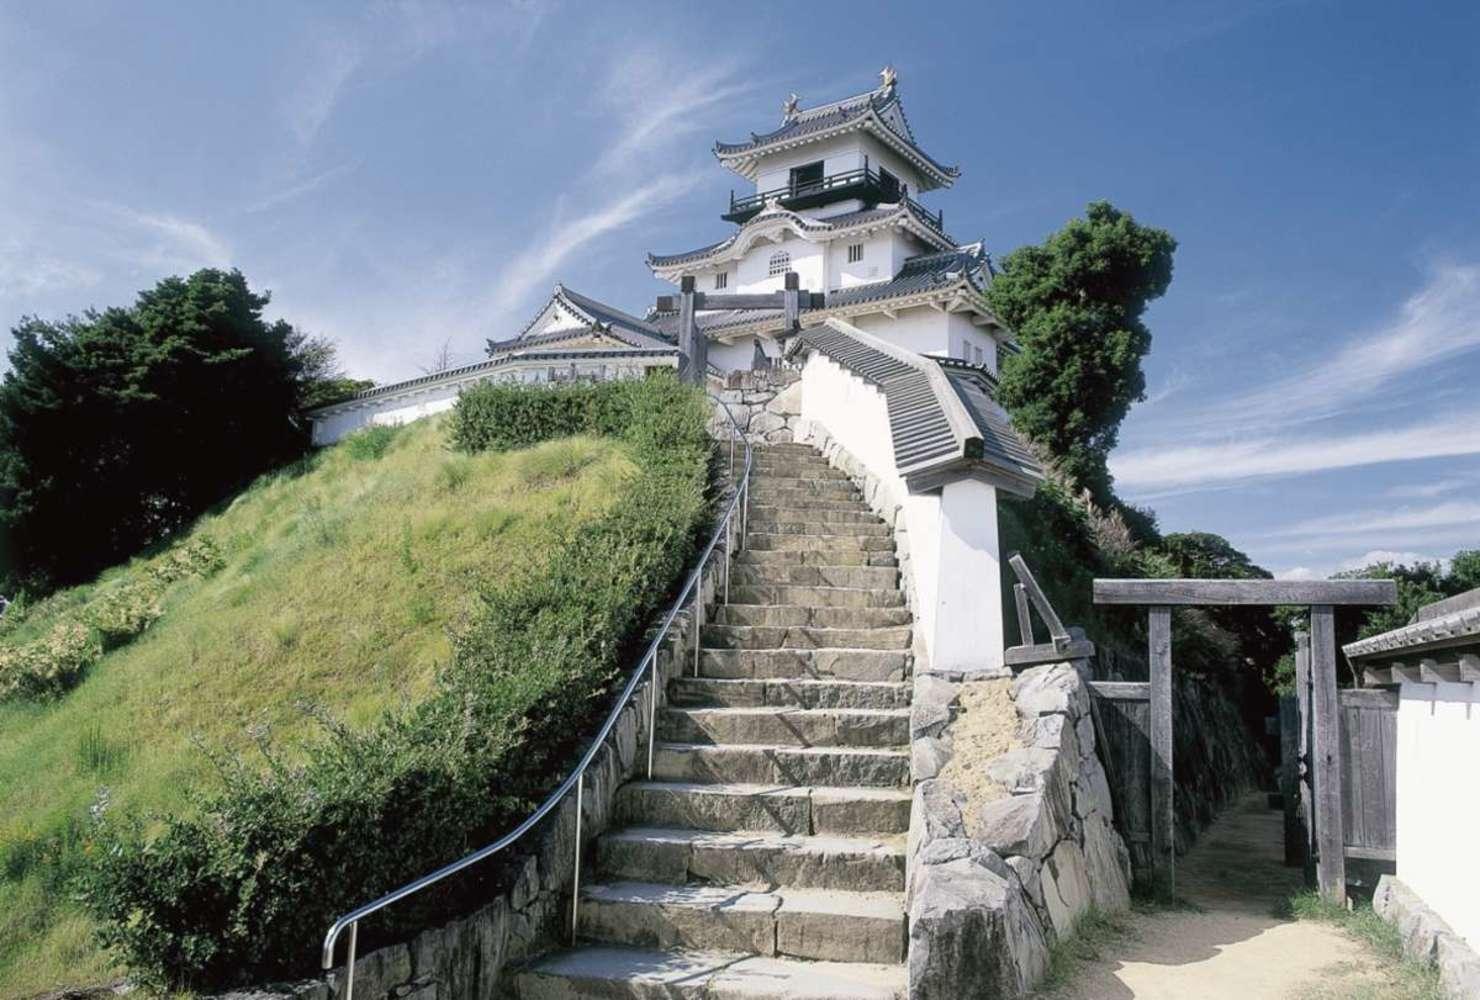 「木」と「和」の文化を感じる、情緒豊かな掛川城下町を散策